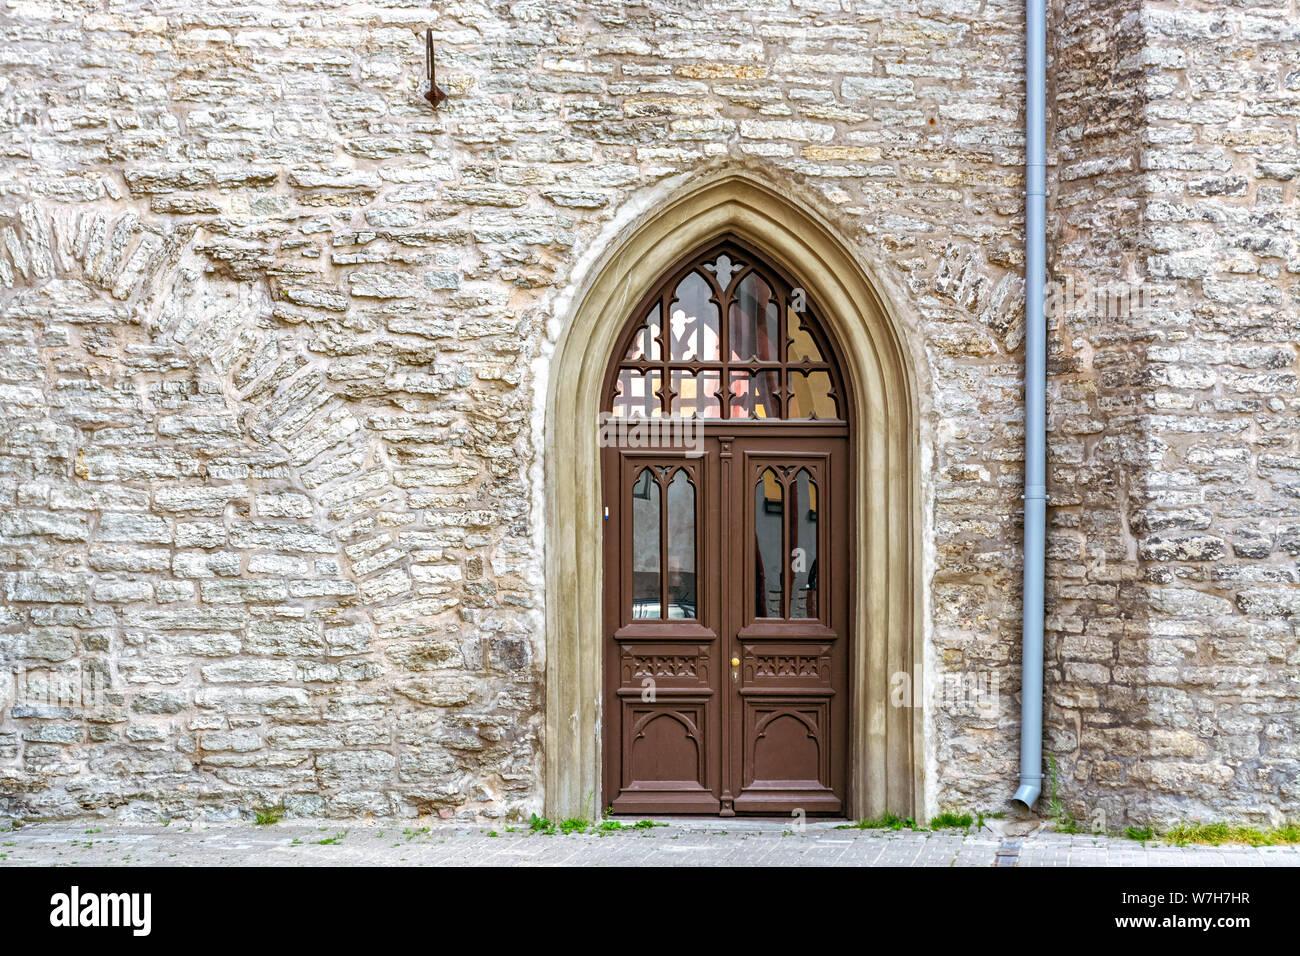 La porte en bois brun avec des vitraux en arc sur l'arrière-plan d'un mur de pierre. À partir d'une série de portes sur le monde. Banque D'Images